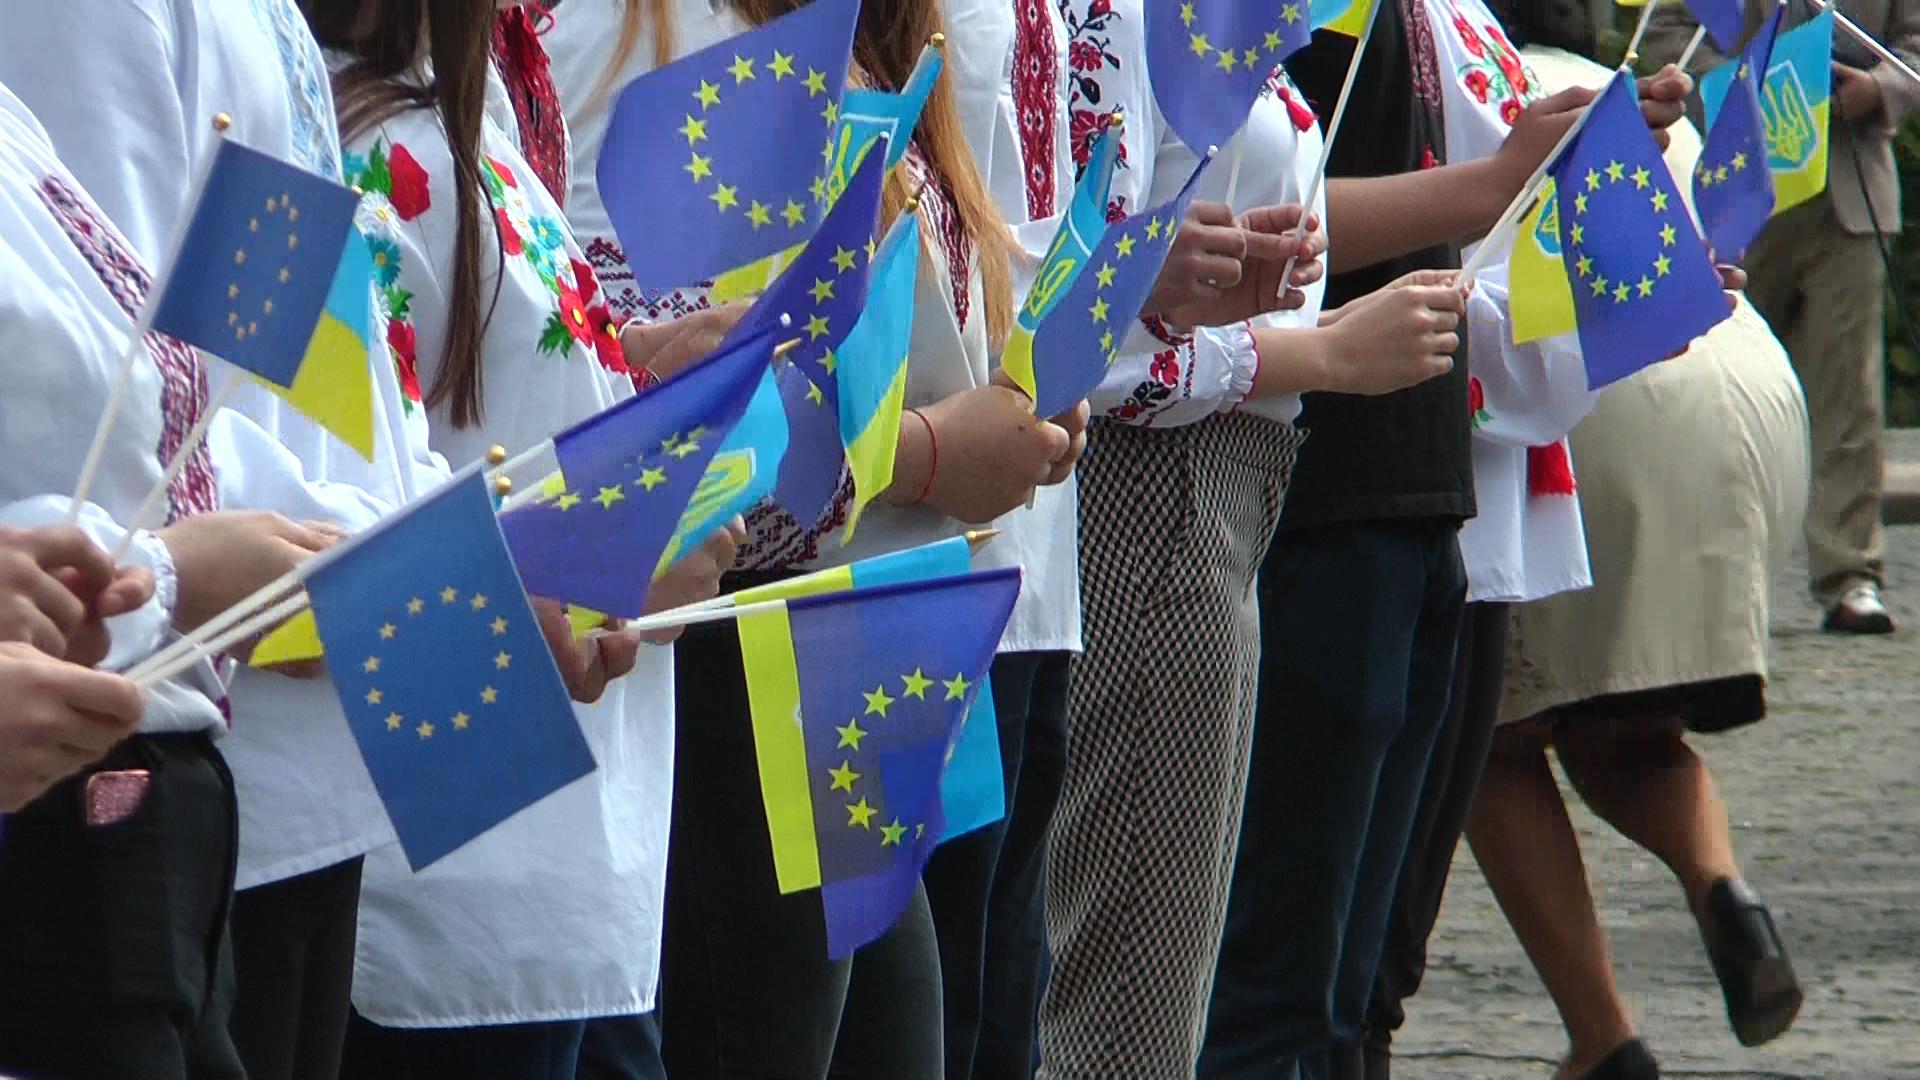 Як у Луцьку святкуватимуть День Європи. Програма